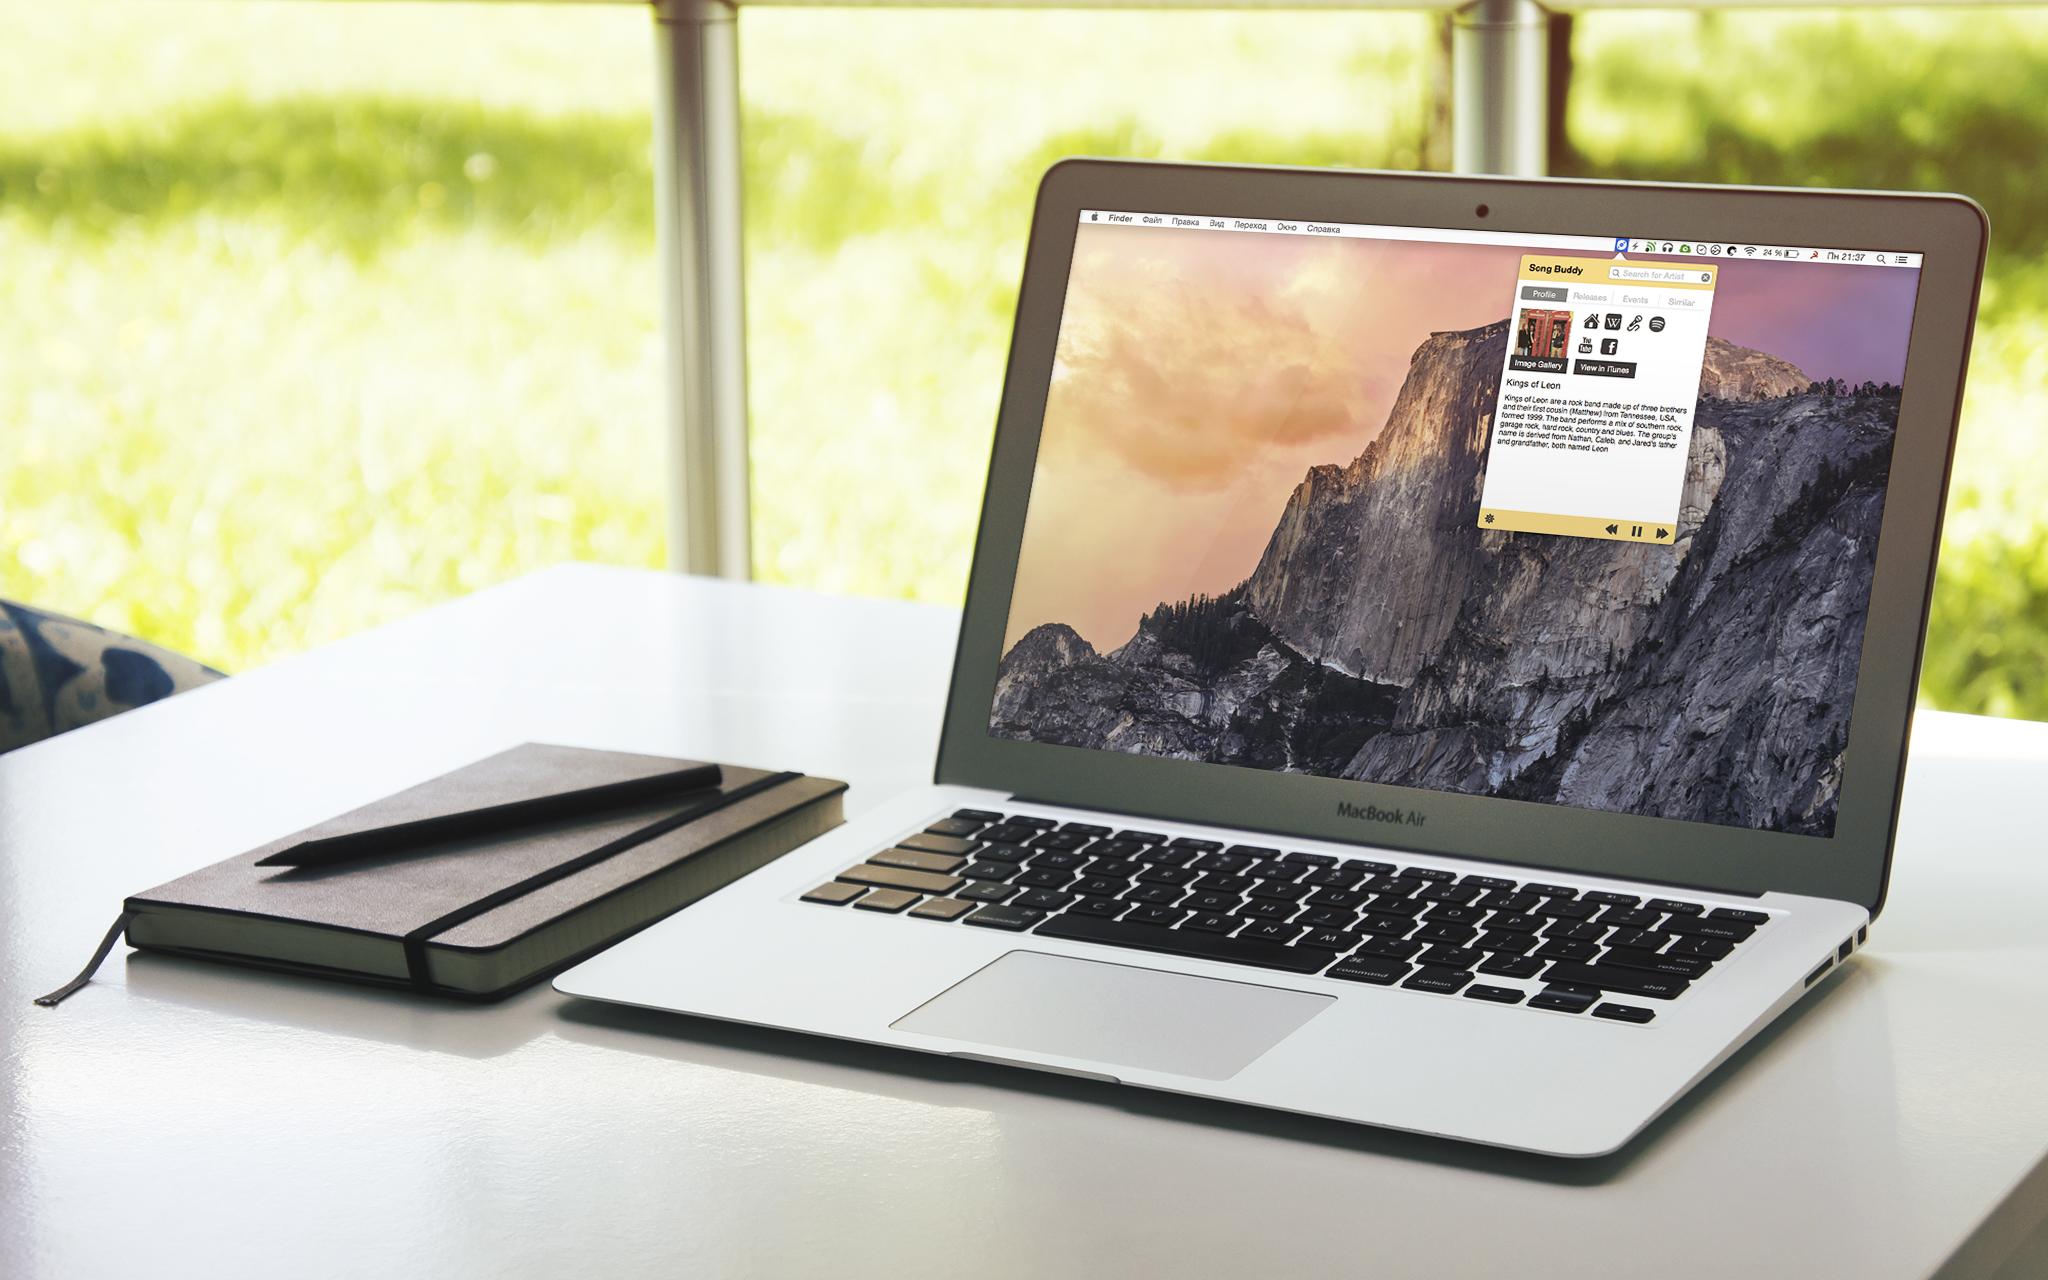 Song Buddy для Mac подскажет всю информацию об играющем исполнителе